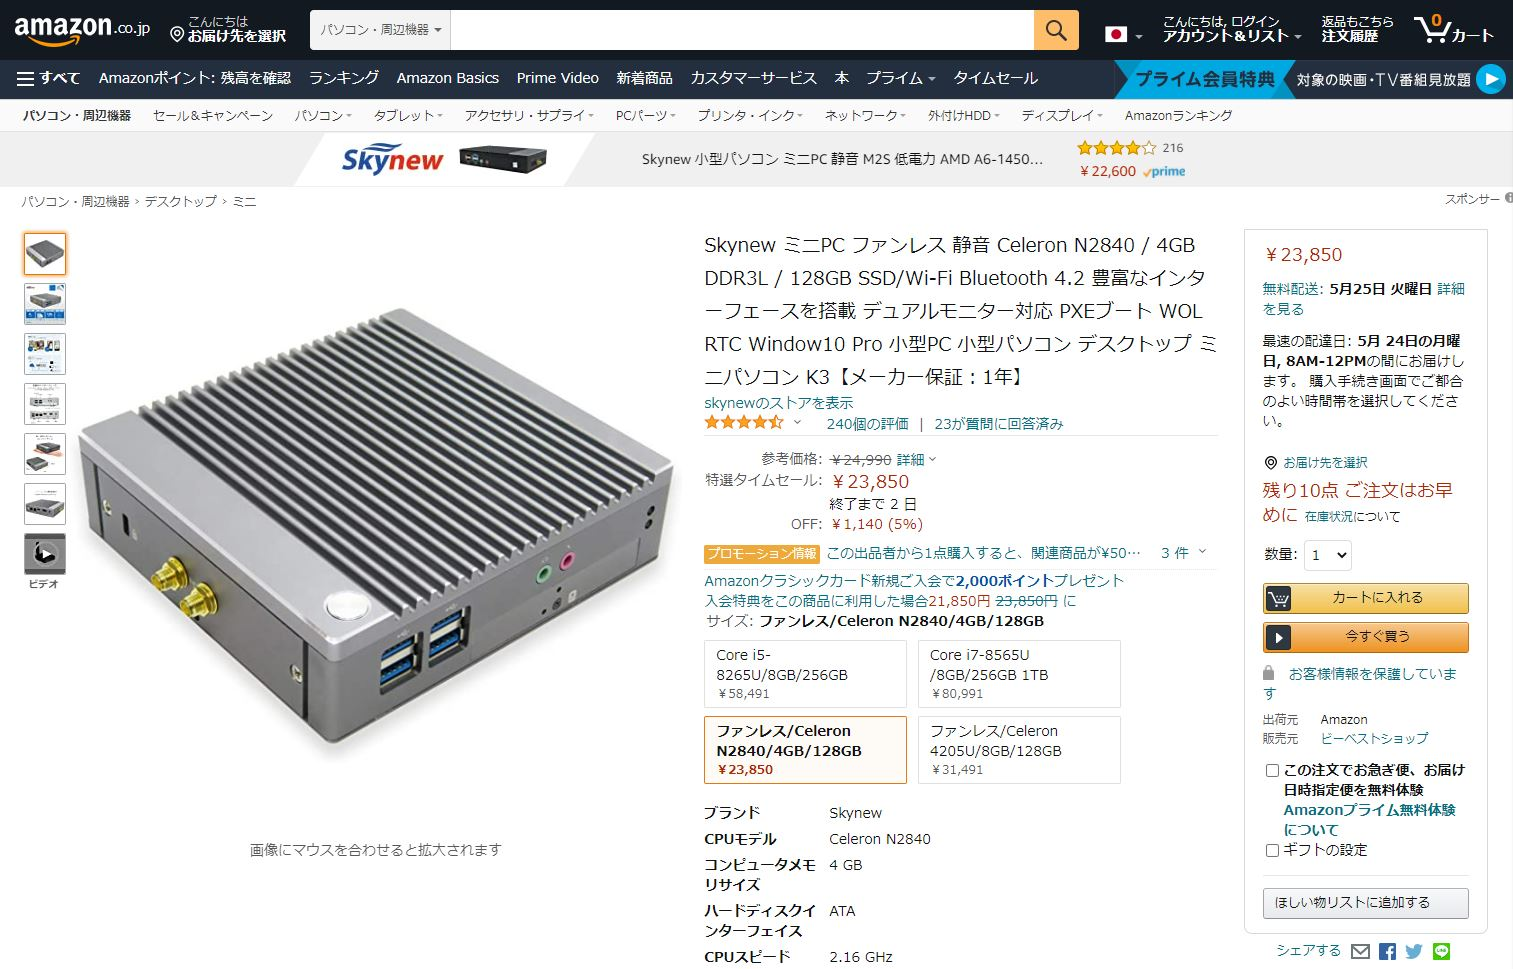 Amazon タイムセール祭りでSkynewの小型PCがセール